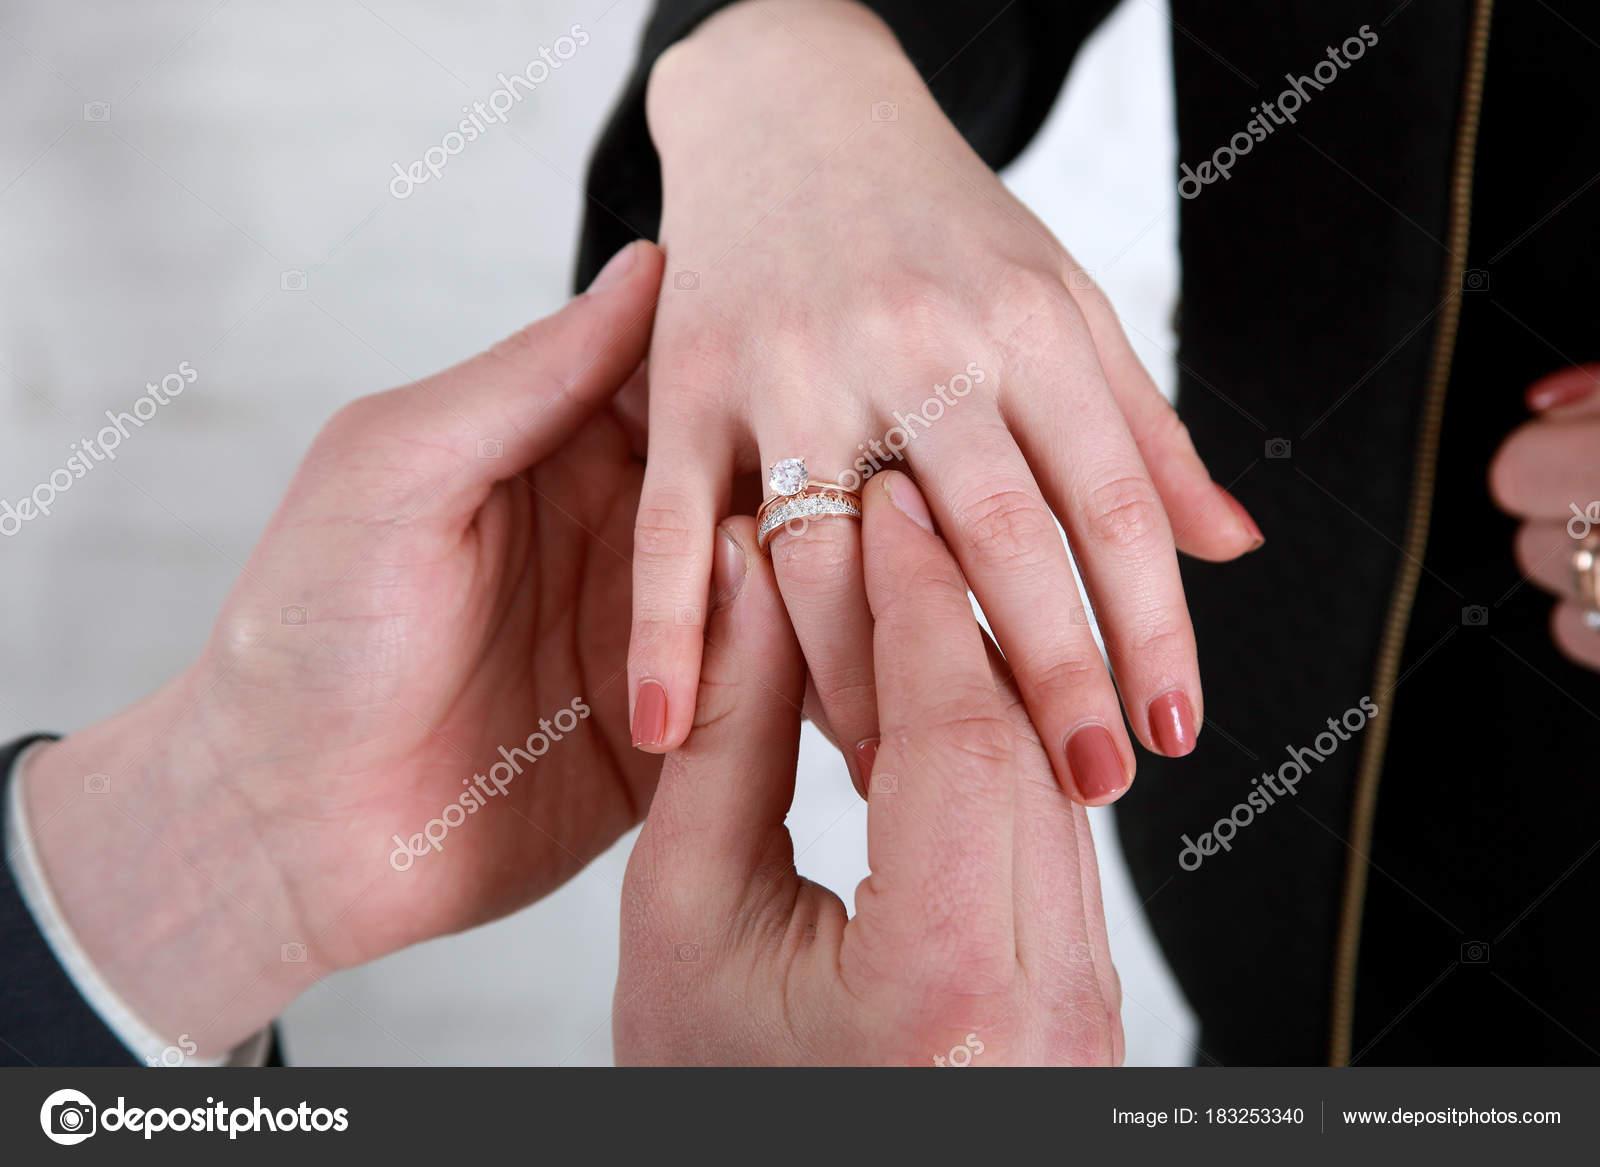 novios de la mano poniendo un anillo de bodas en el dedo de novias ...